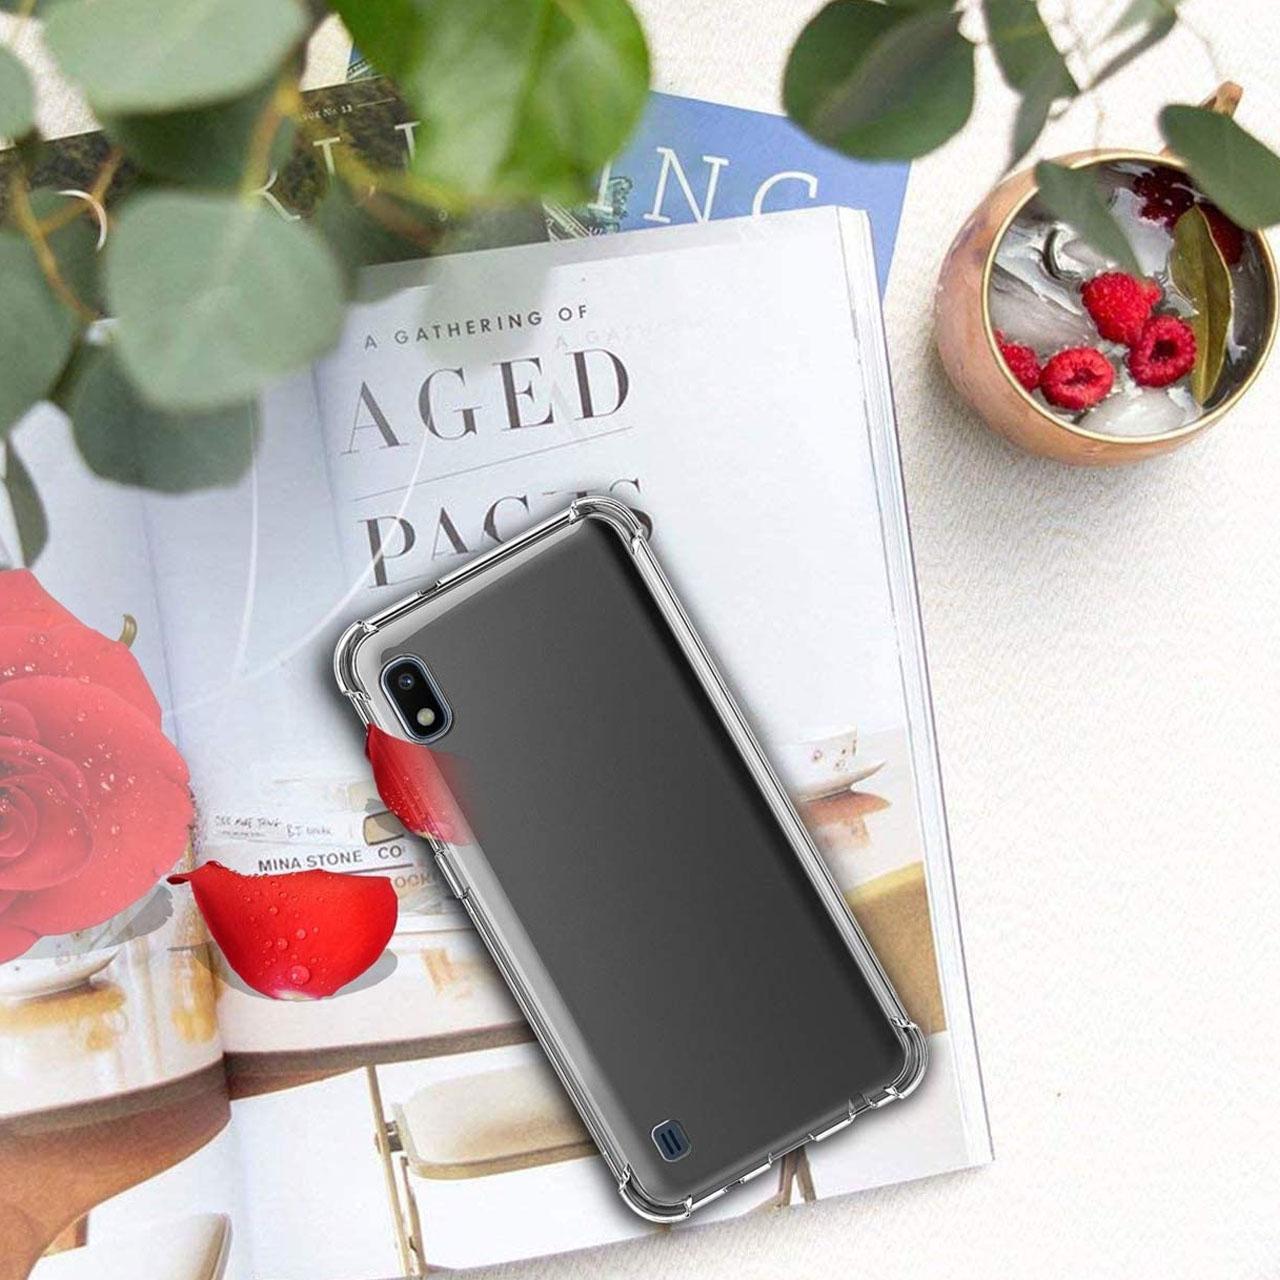 کاور مدل Eouro مناسب برای گوشی موبایل سامسونگ Galaxy A10 thumb 2 5